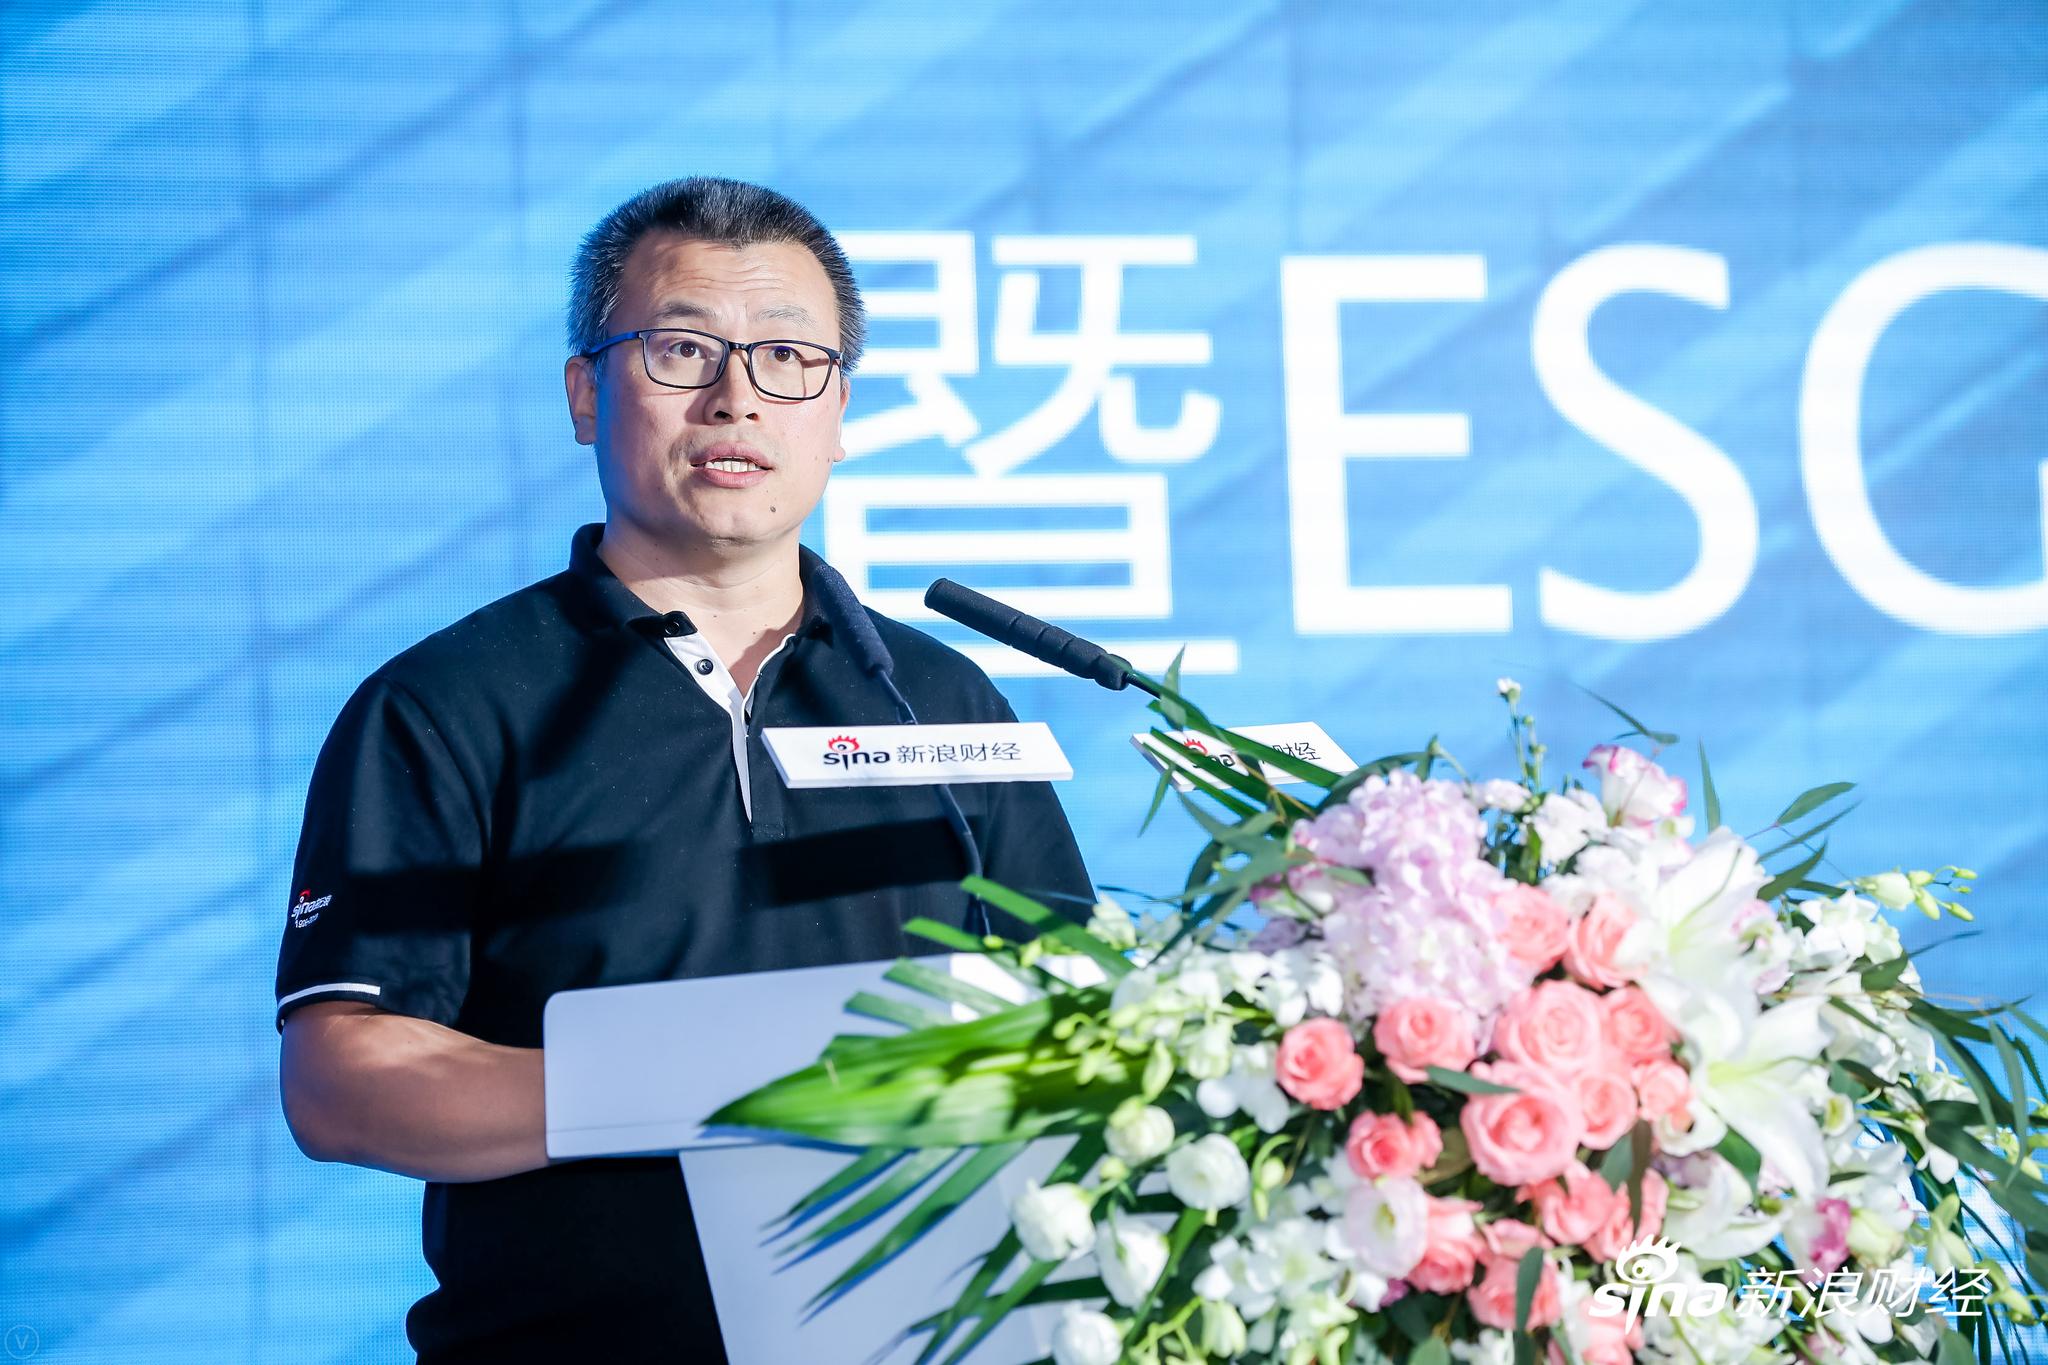 新浪网高级副总裁邓庆旭发表主办方致辞。(?#35745;?#26469;源:新浪财经)